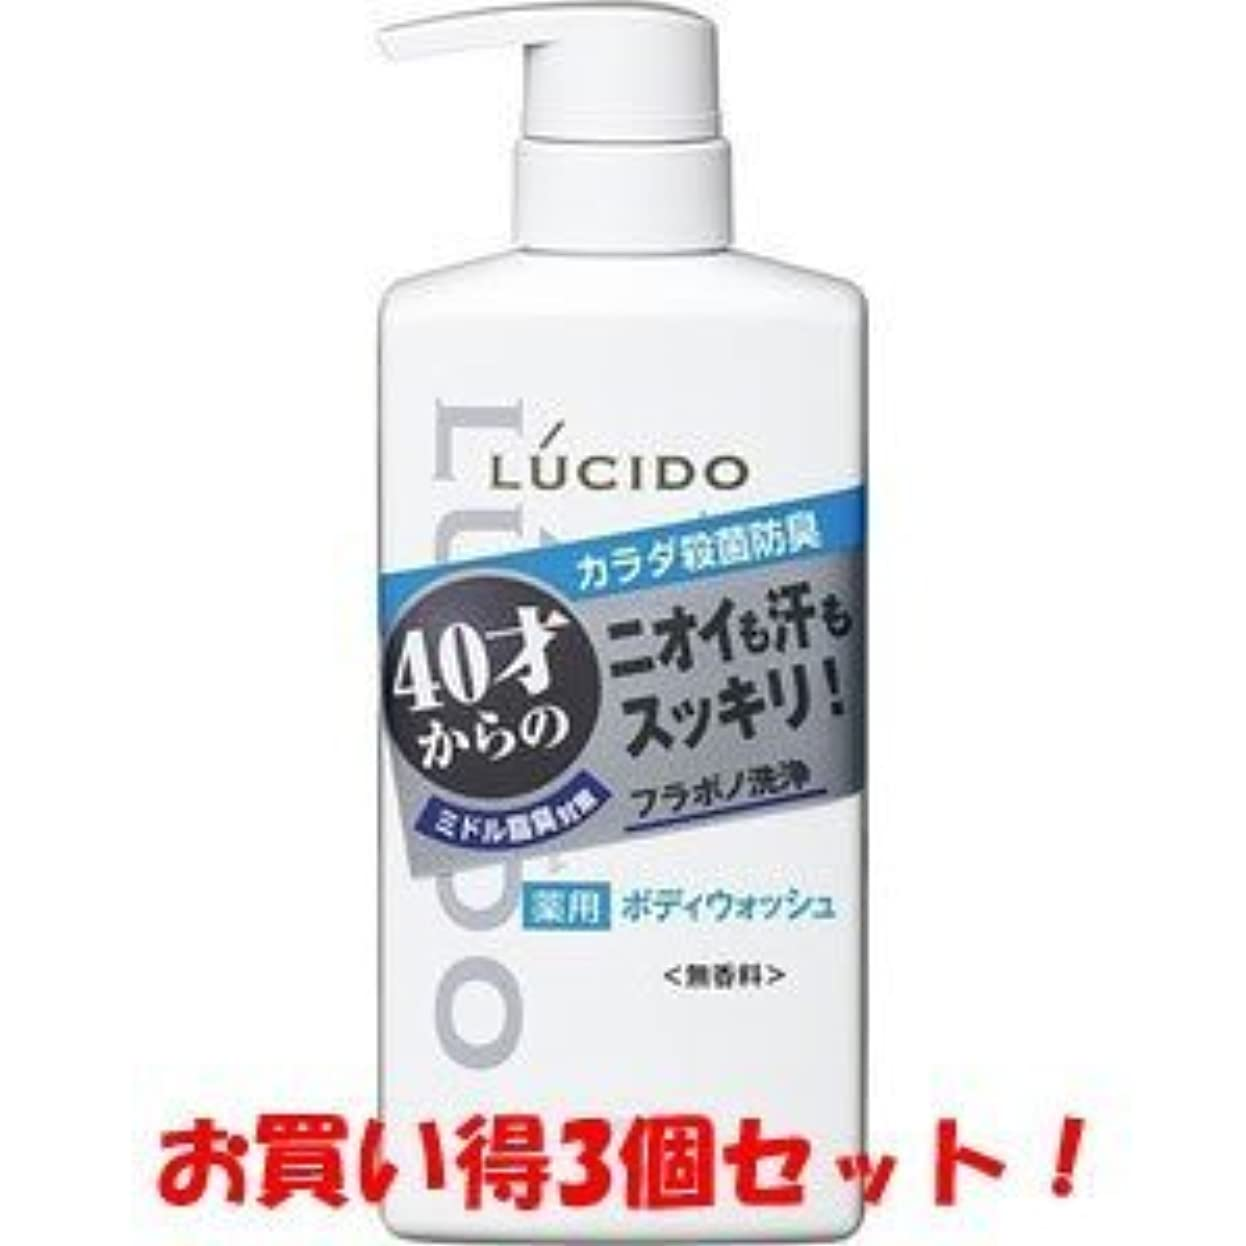 ハリケーンブルーベル我慢する【LUCIDO】ルシード 薬用デオドラントボディウォッシュ 450ml(医薬部外品)(お買い得3個セット)